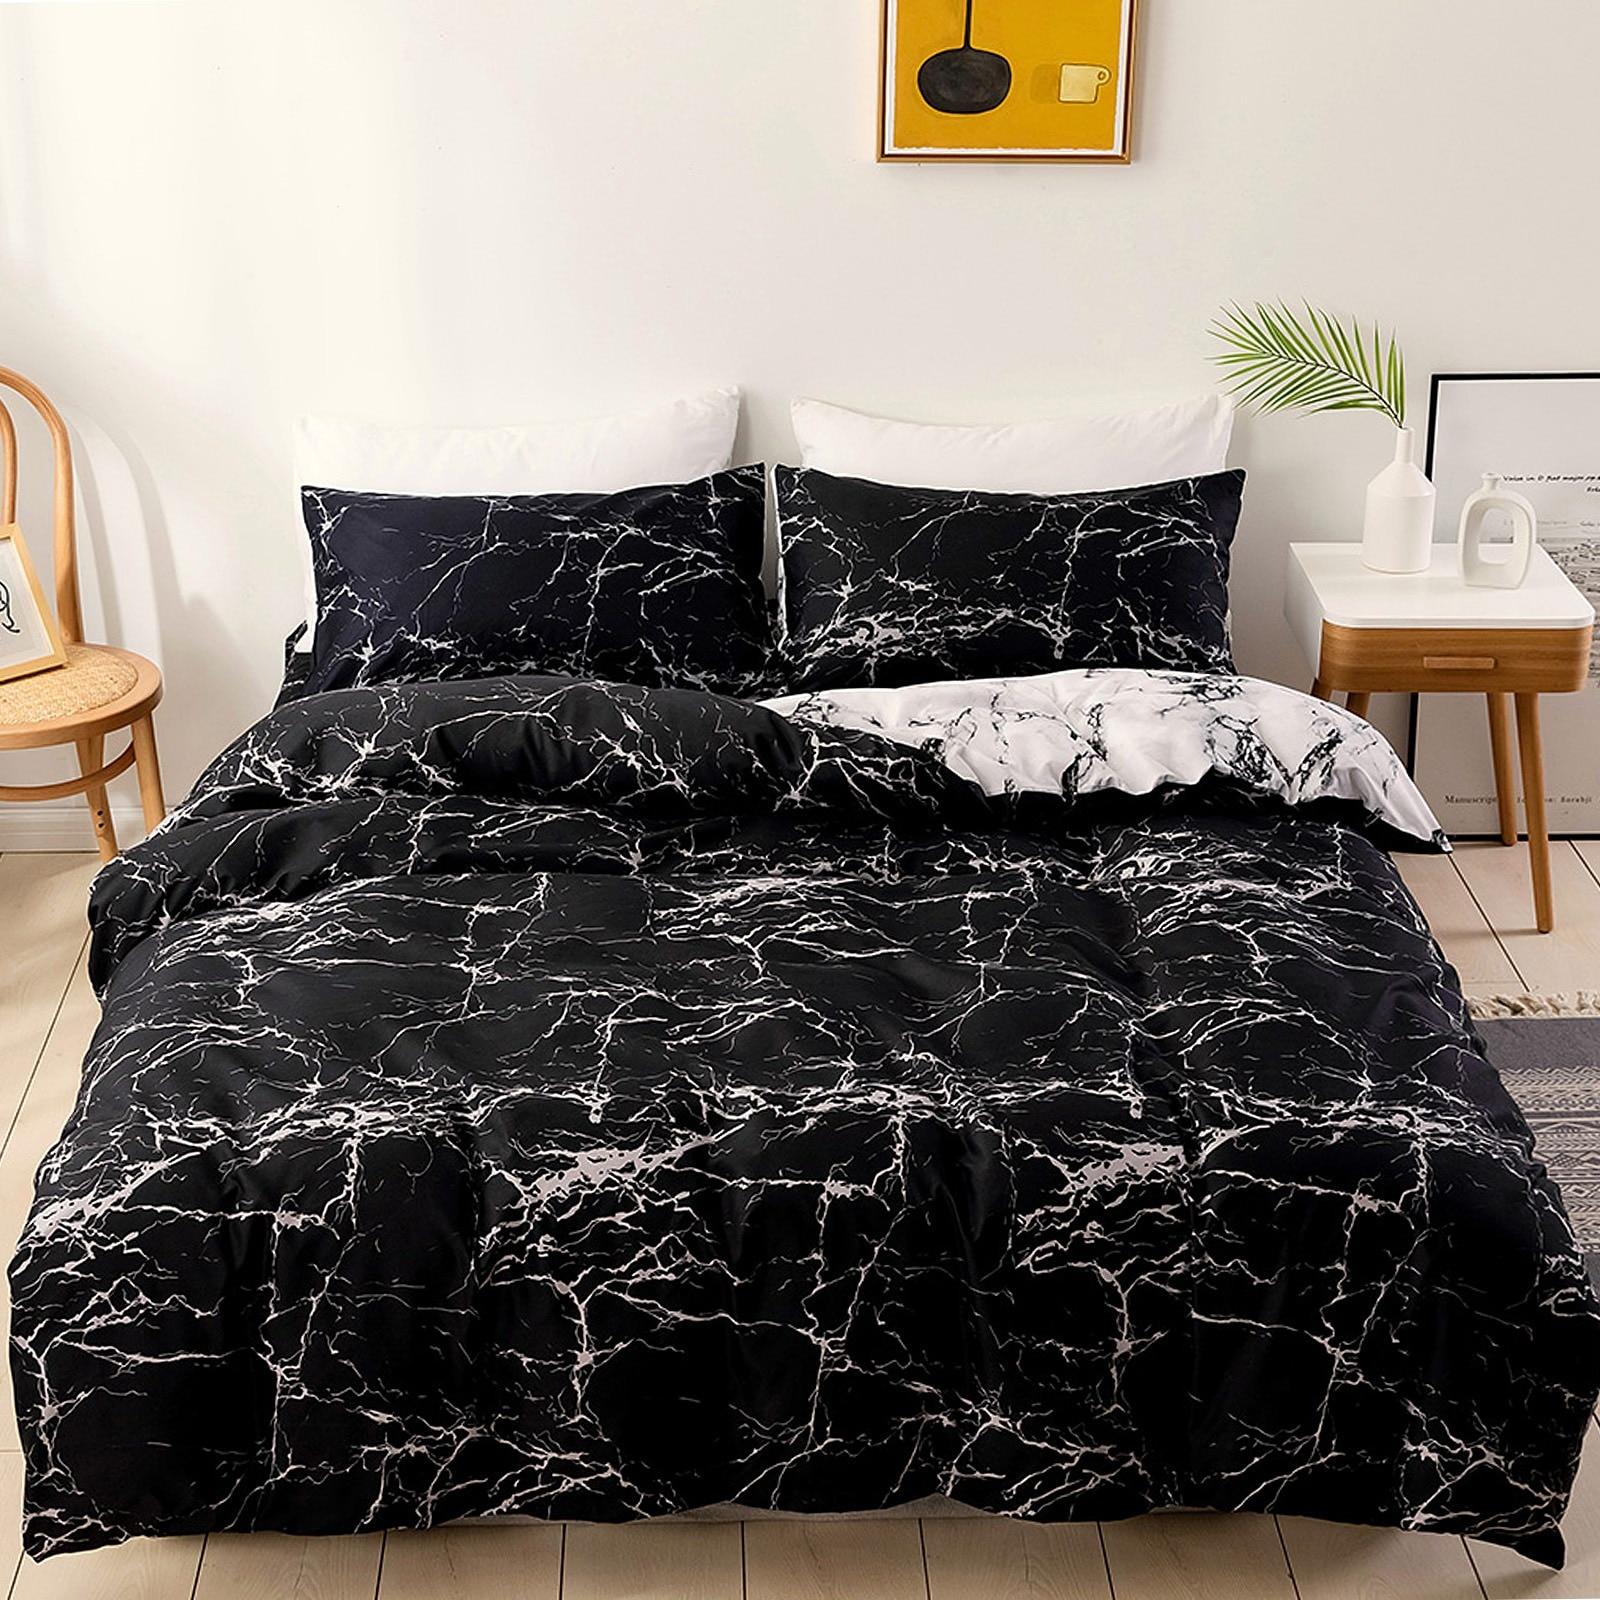 مجموعة غطاء لحاف من الرخام مجموعة فريدة من نوعها سرير حديث أبيض ورمادي مع غطاء لحاف 2 قطعة مجموعة سرير عكسها 135x200cm